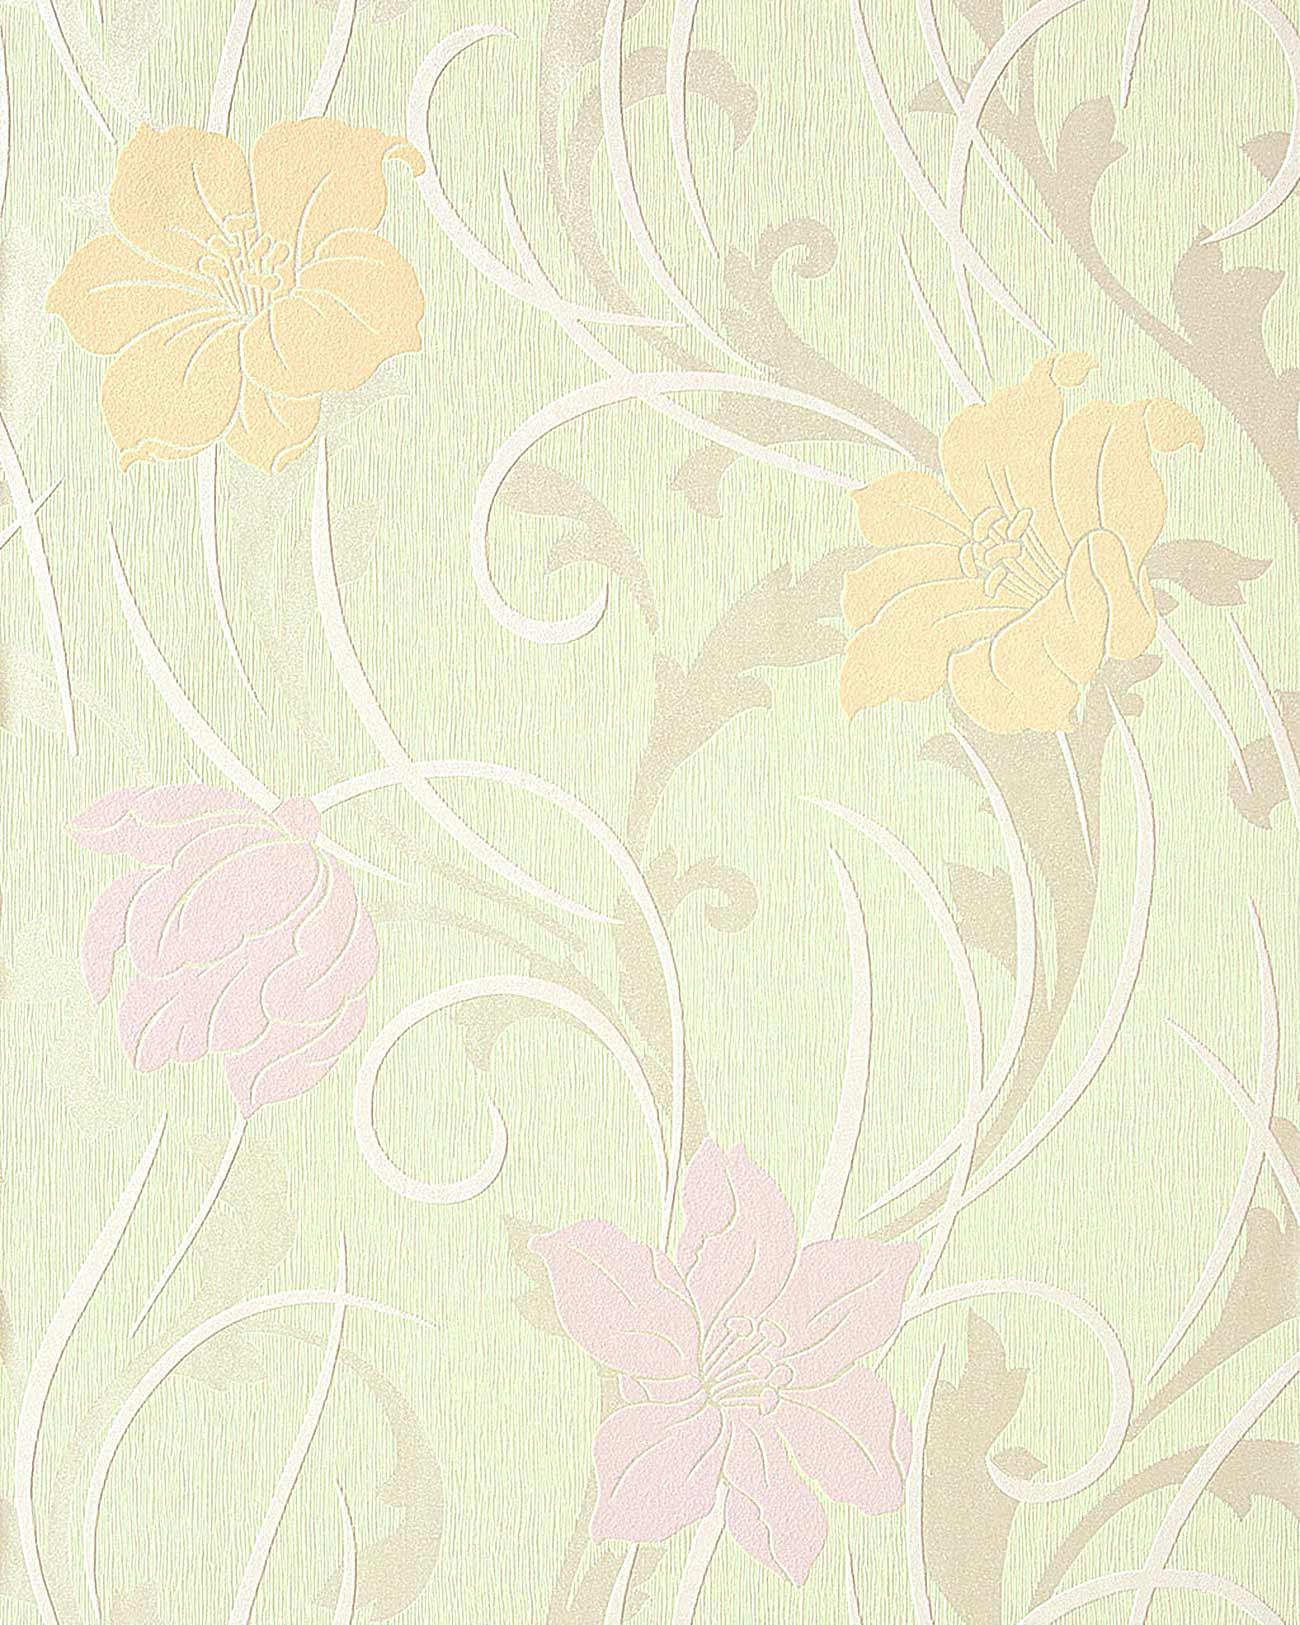 tapete wohnzimmer hell: 35 Stilvolle Blumen Floral Tapete hell-grün safran-gelb hell-violett